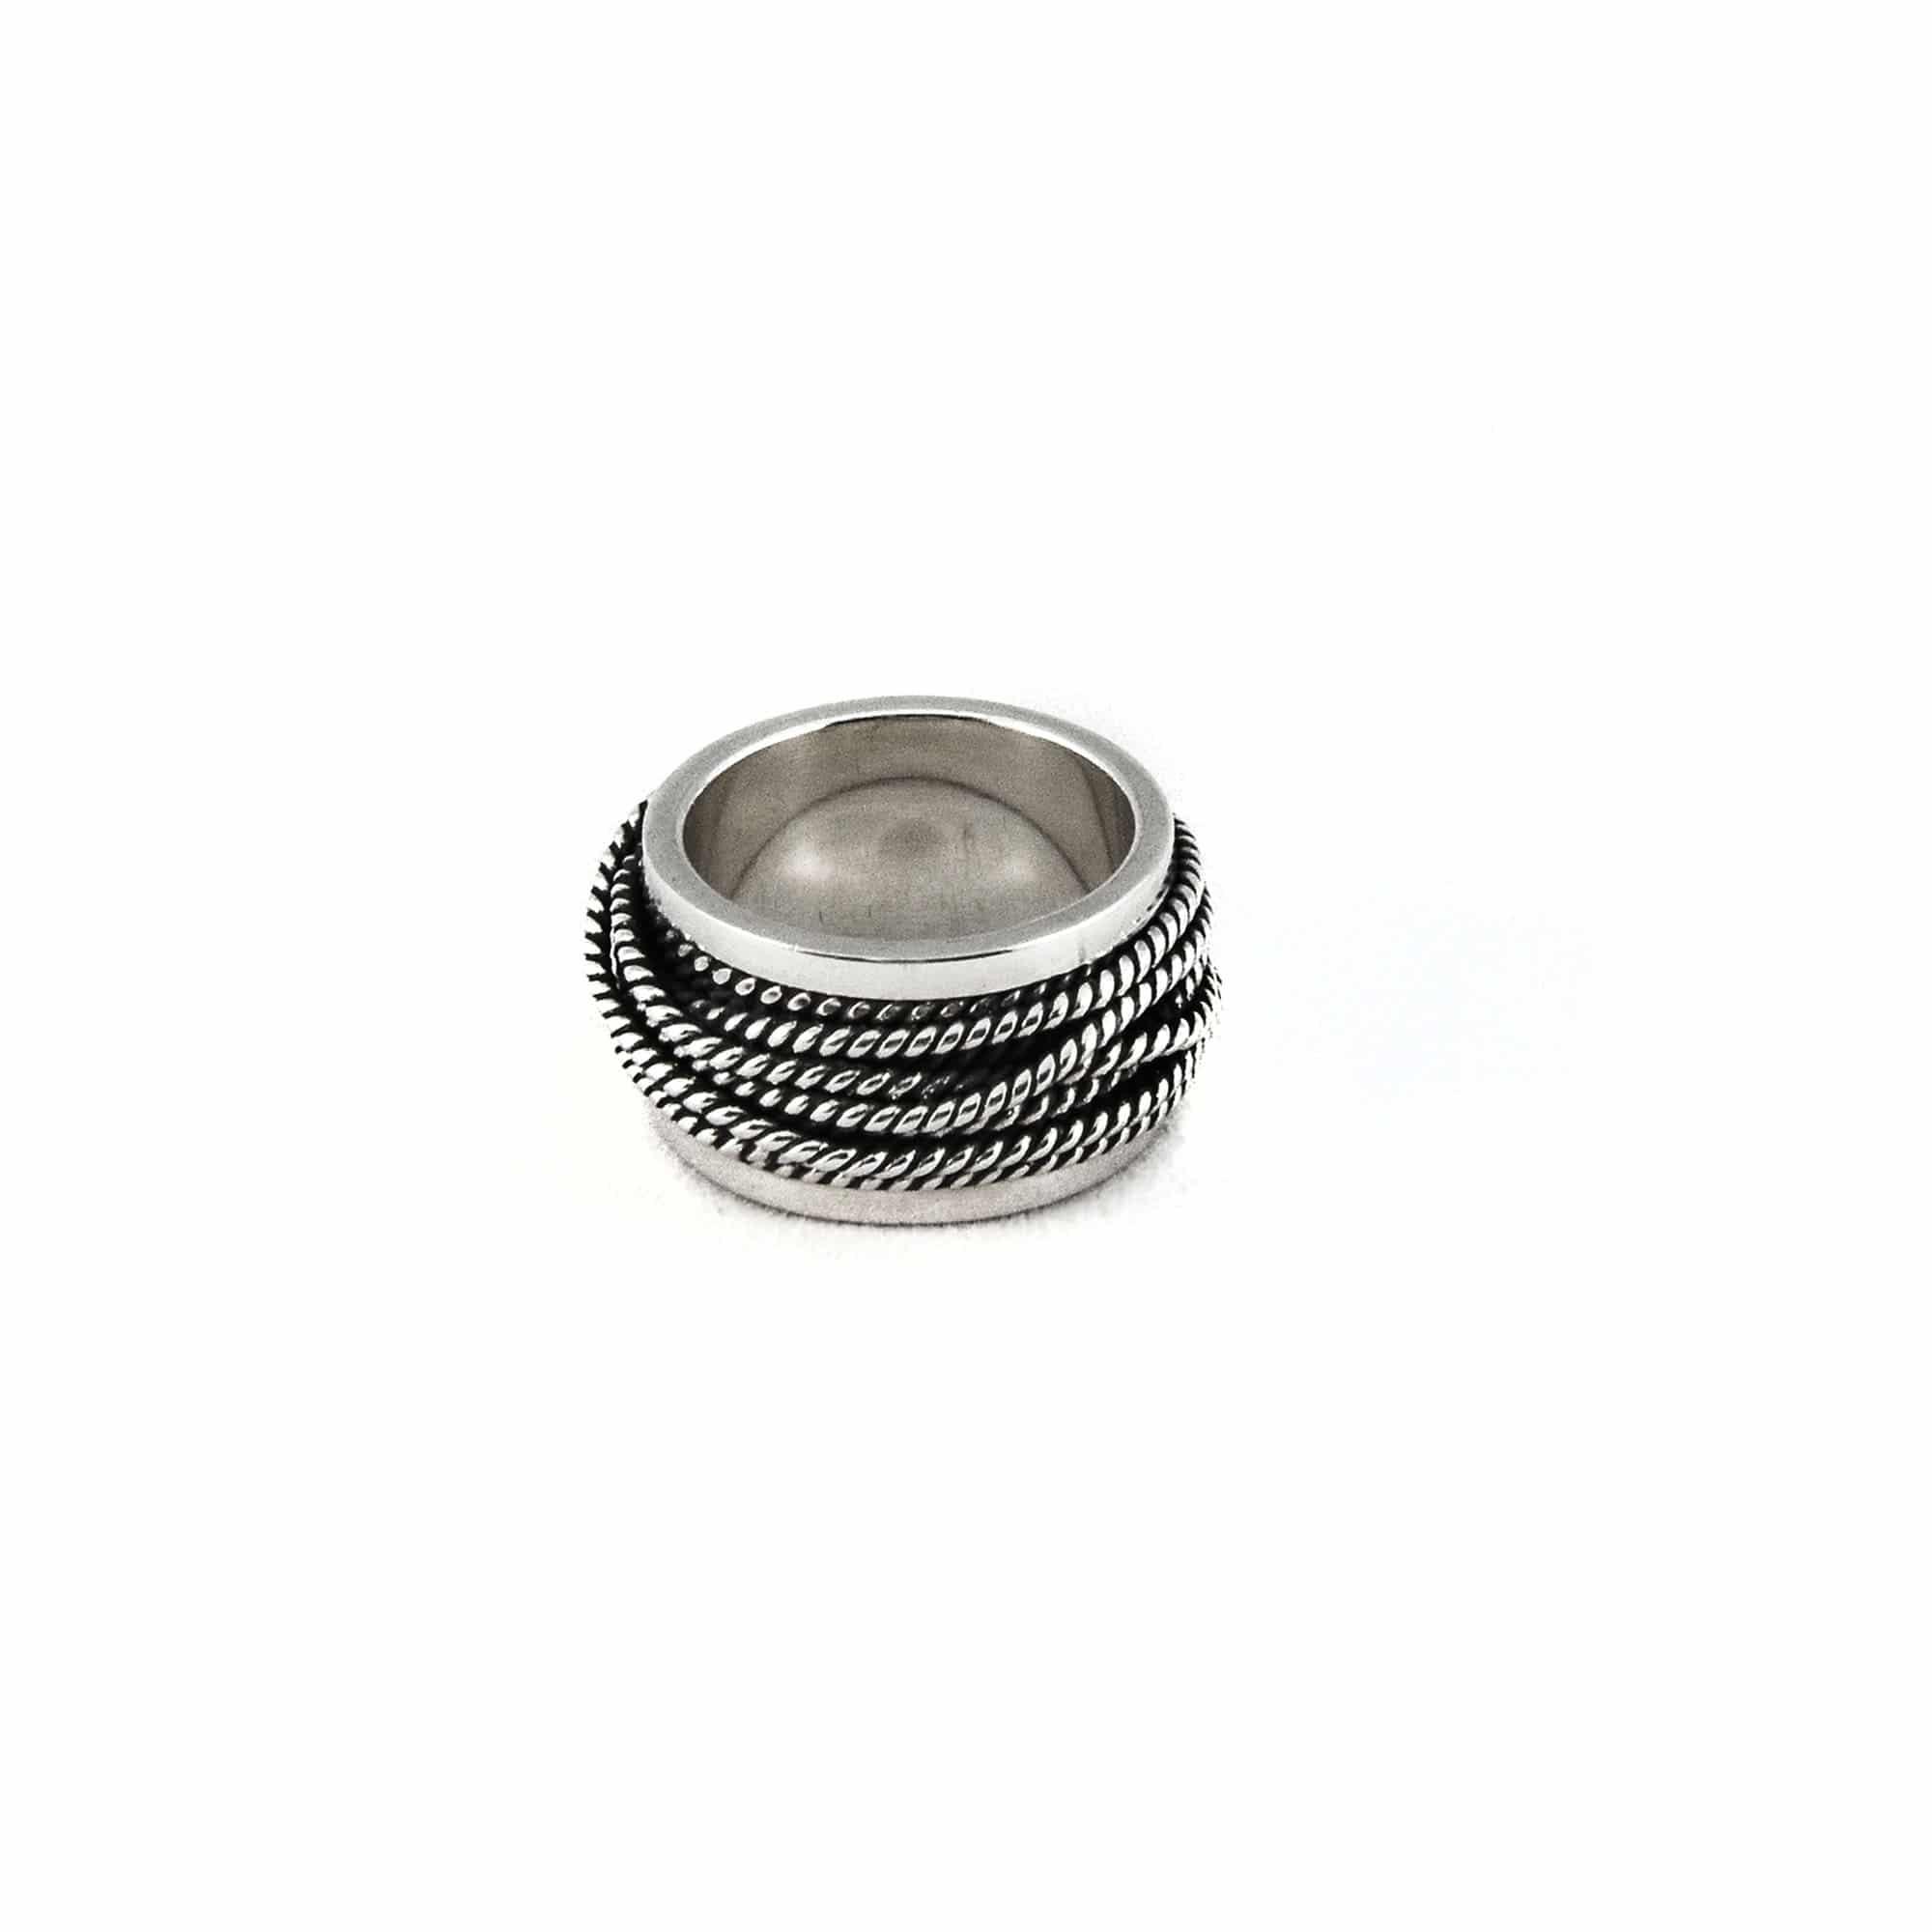 Segoya Ebisa hoog gehalte zilveren ring, handgemaakt in Bali.